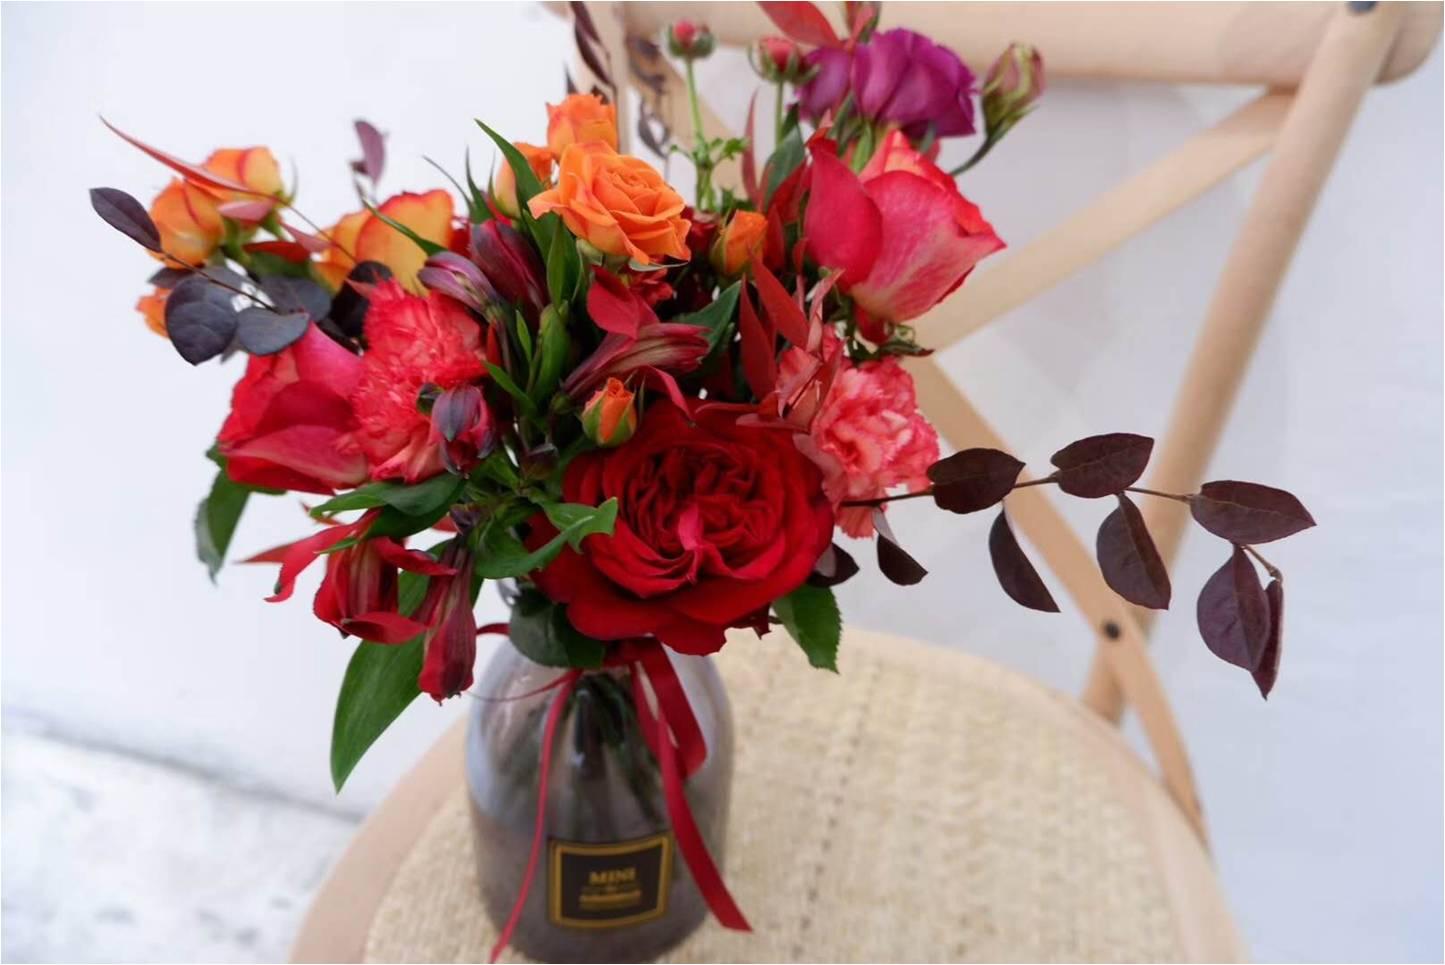 百合-西安鲜花礼盒订购-西安玫瑰礼盒订购